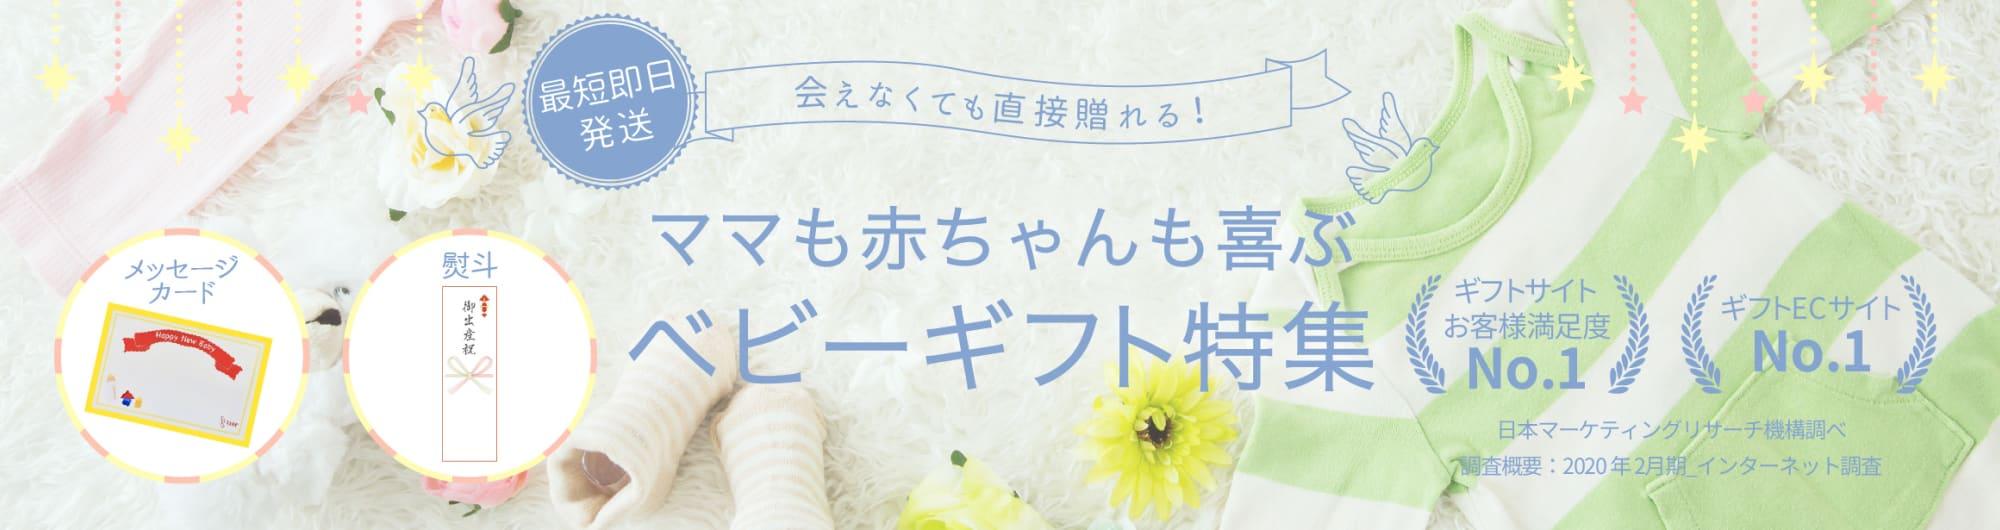 出産祝いギフト特集!